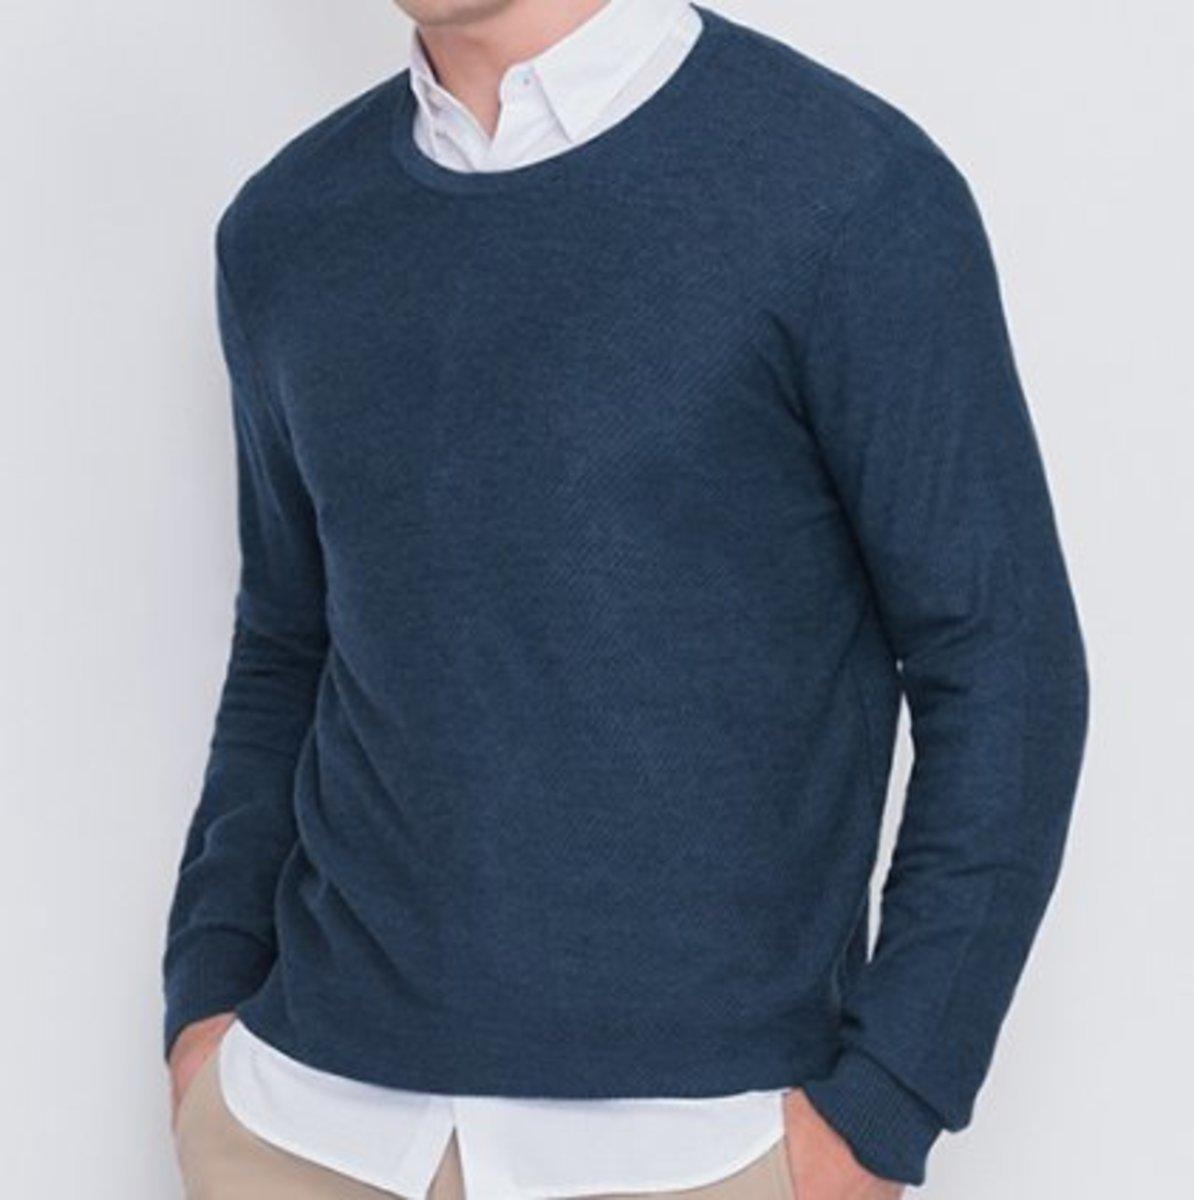 Men's Outlast® Temperature Regulating sweater (Pea Coat)